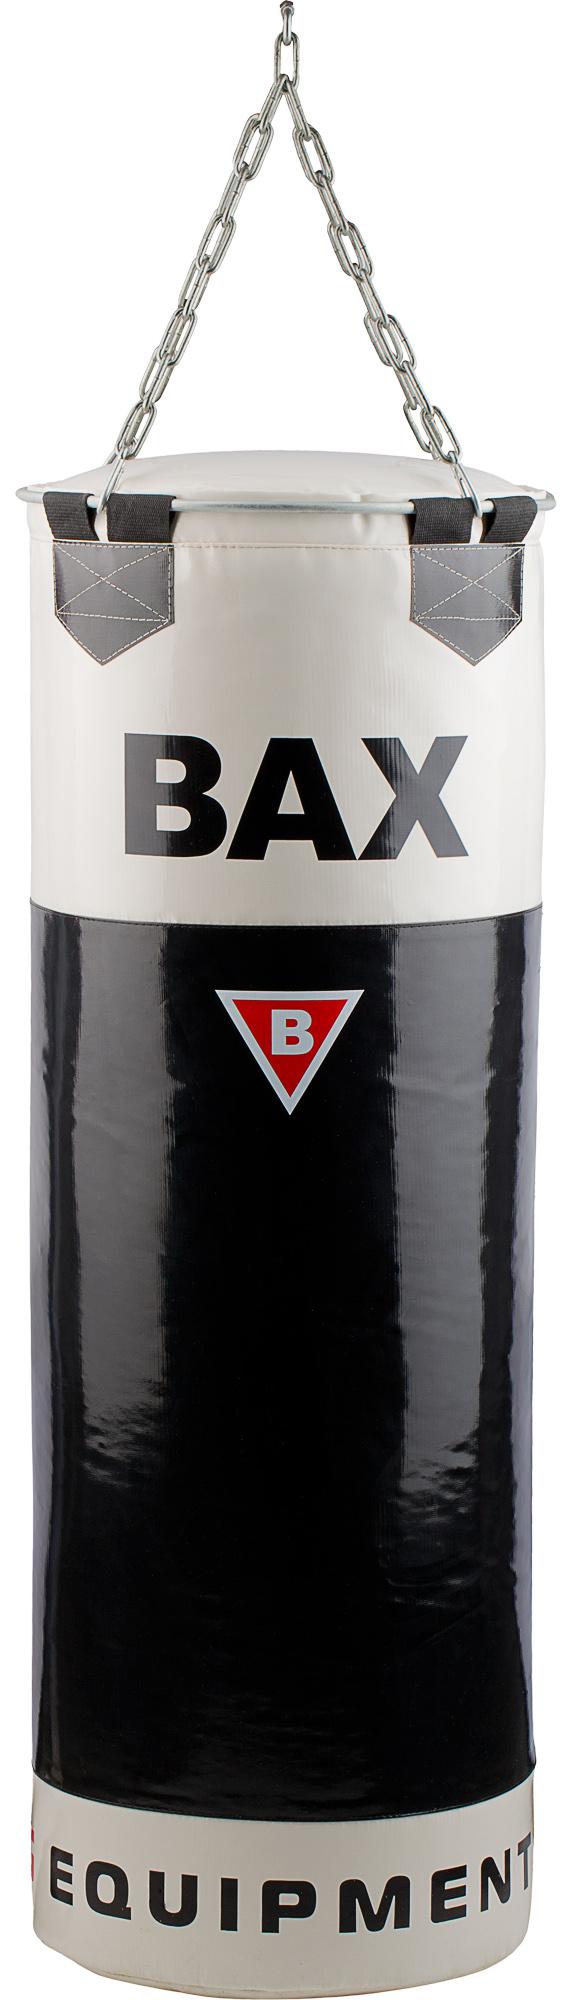 Bax Мешок набивной Bax, 60 кг bax мешок набивной bax 50 кг